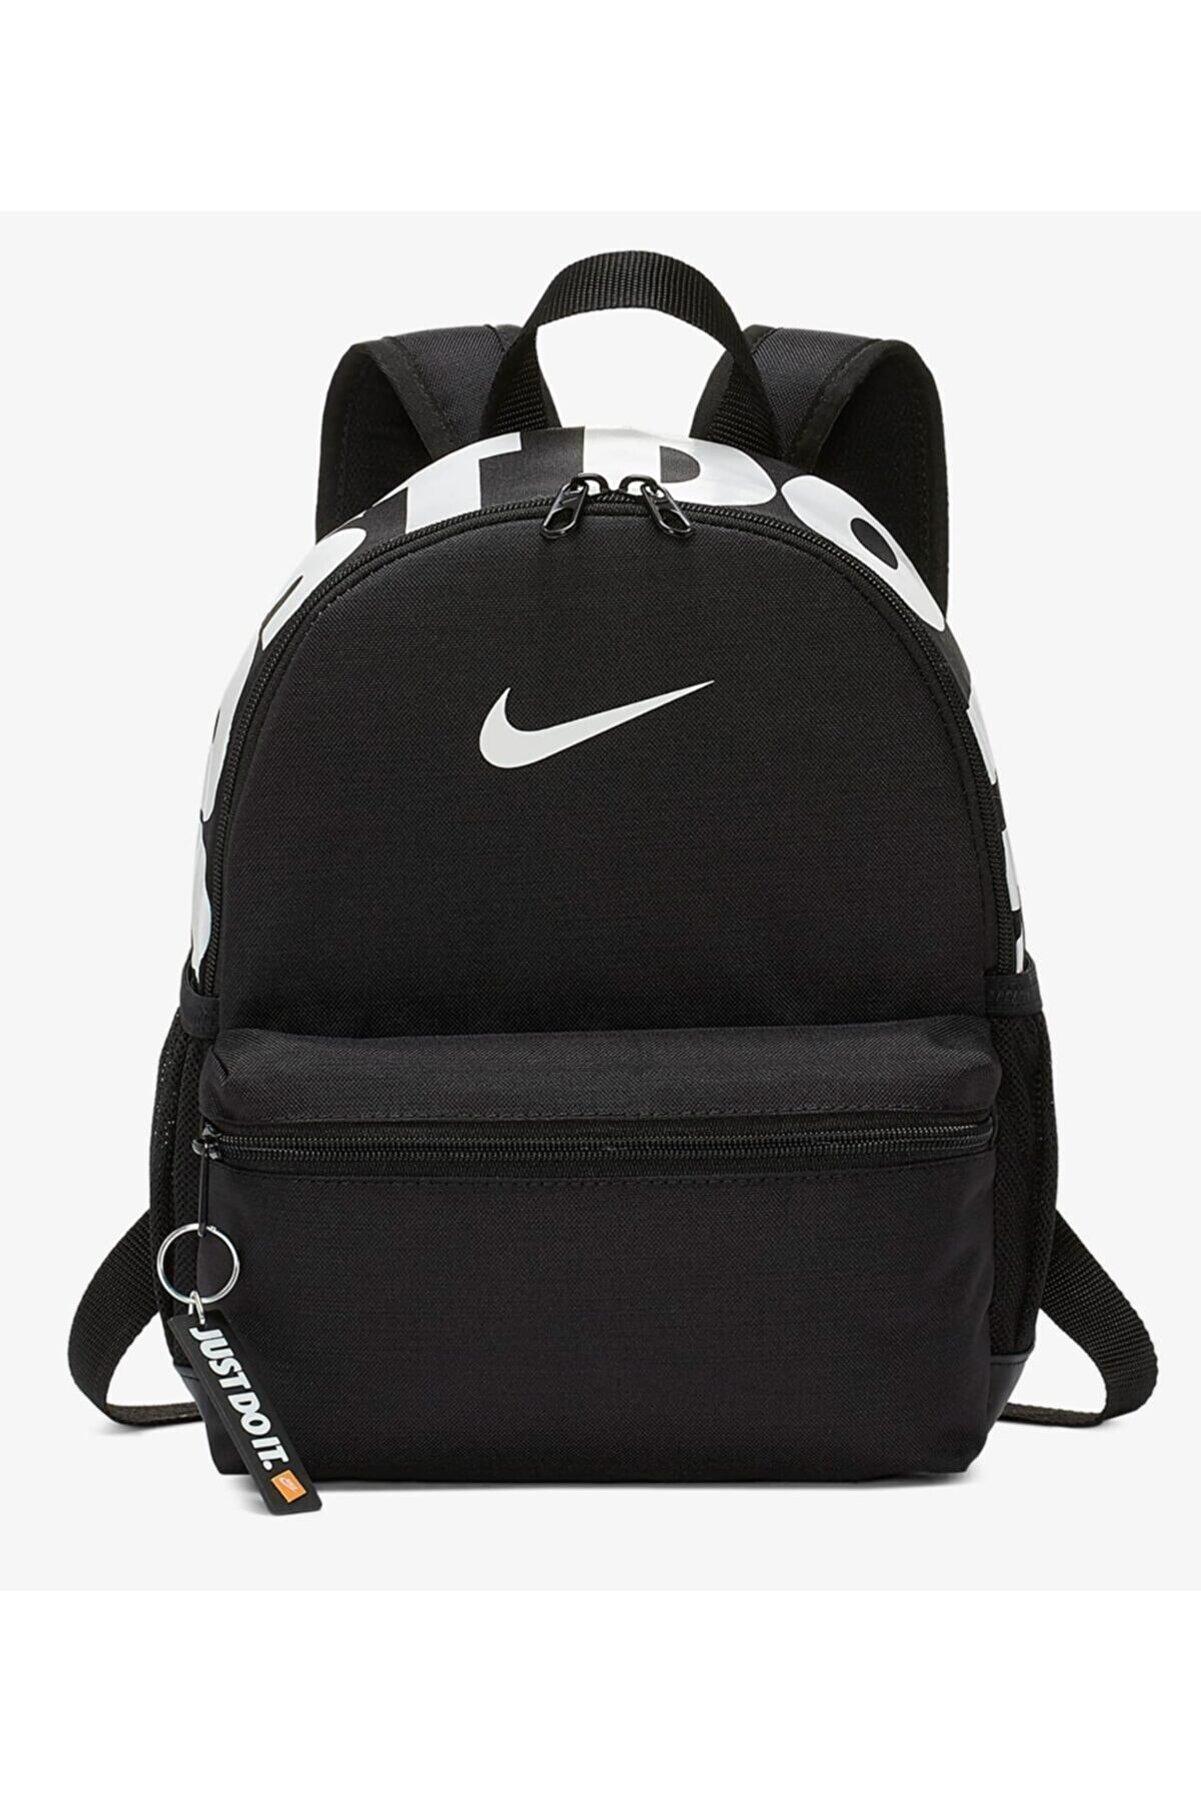 Nike Unisex  Küçük Boy Sırt Çantası Ba5559-013